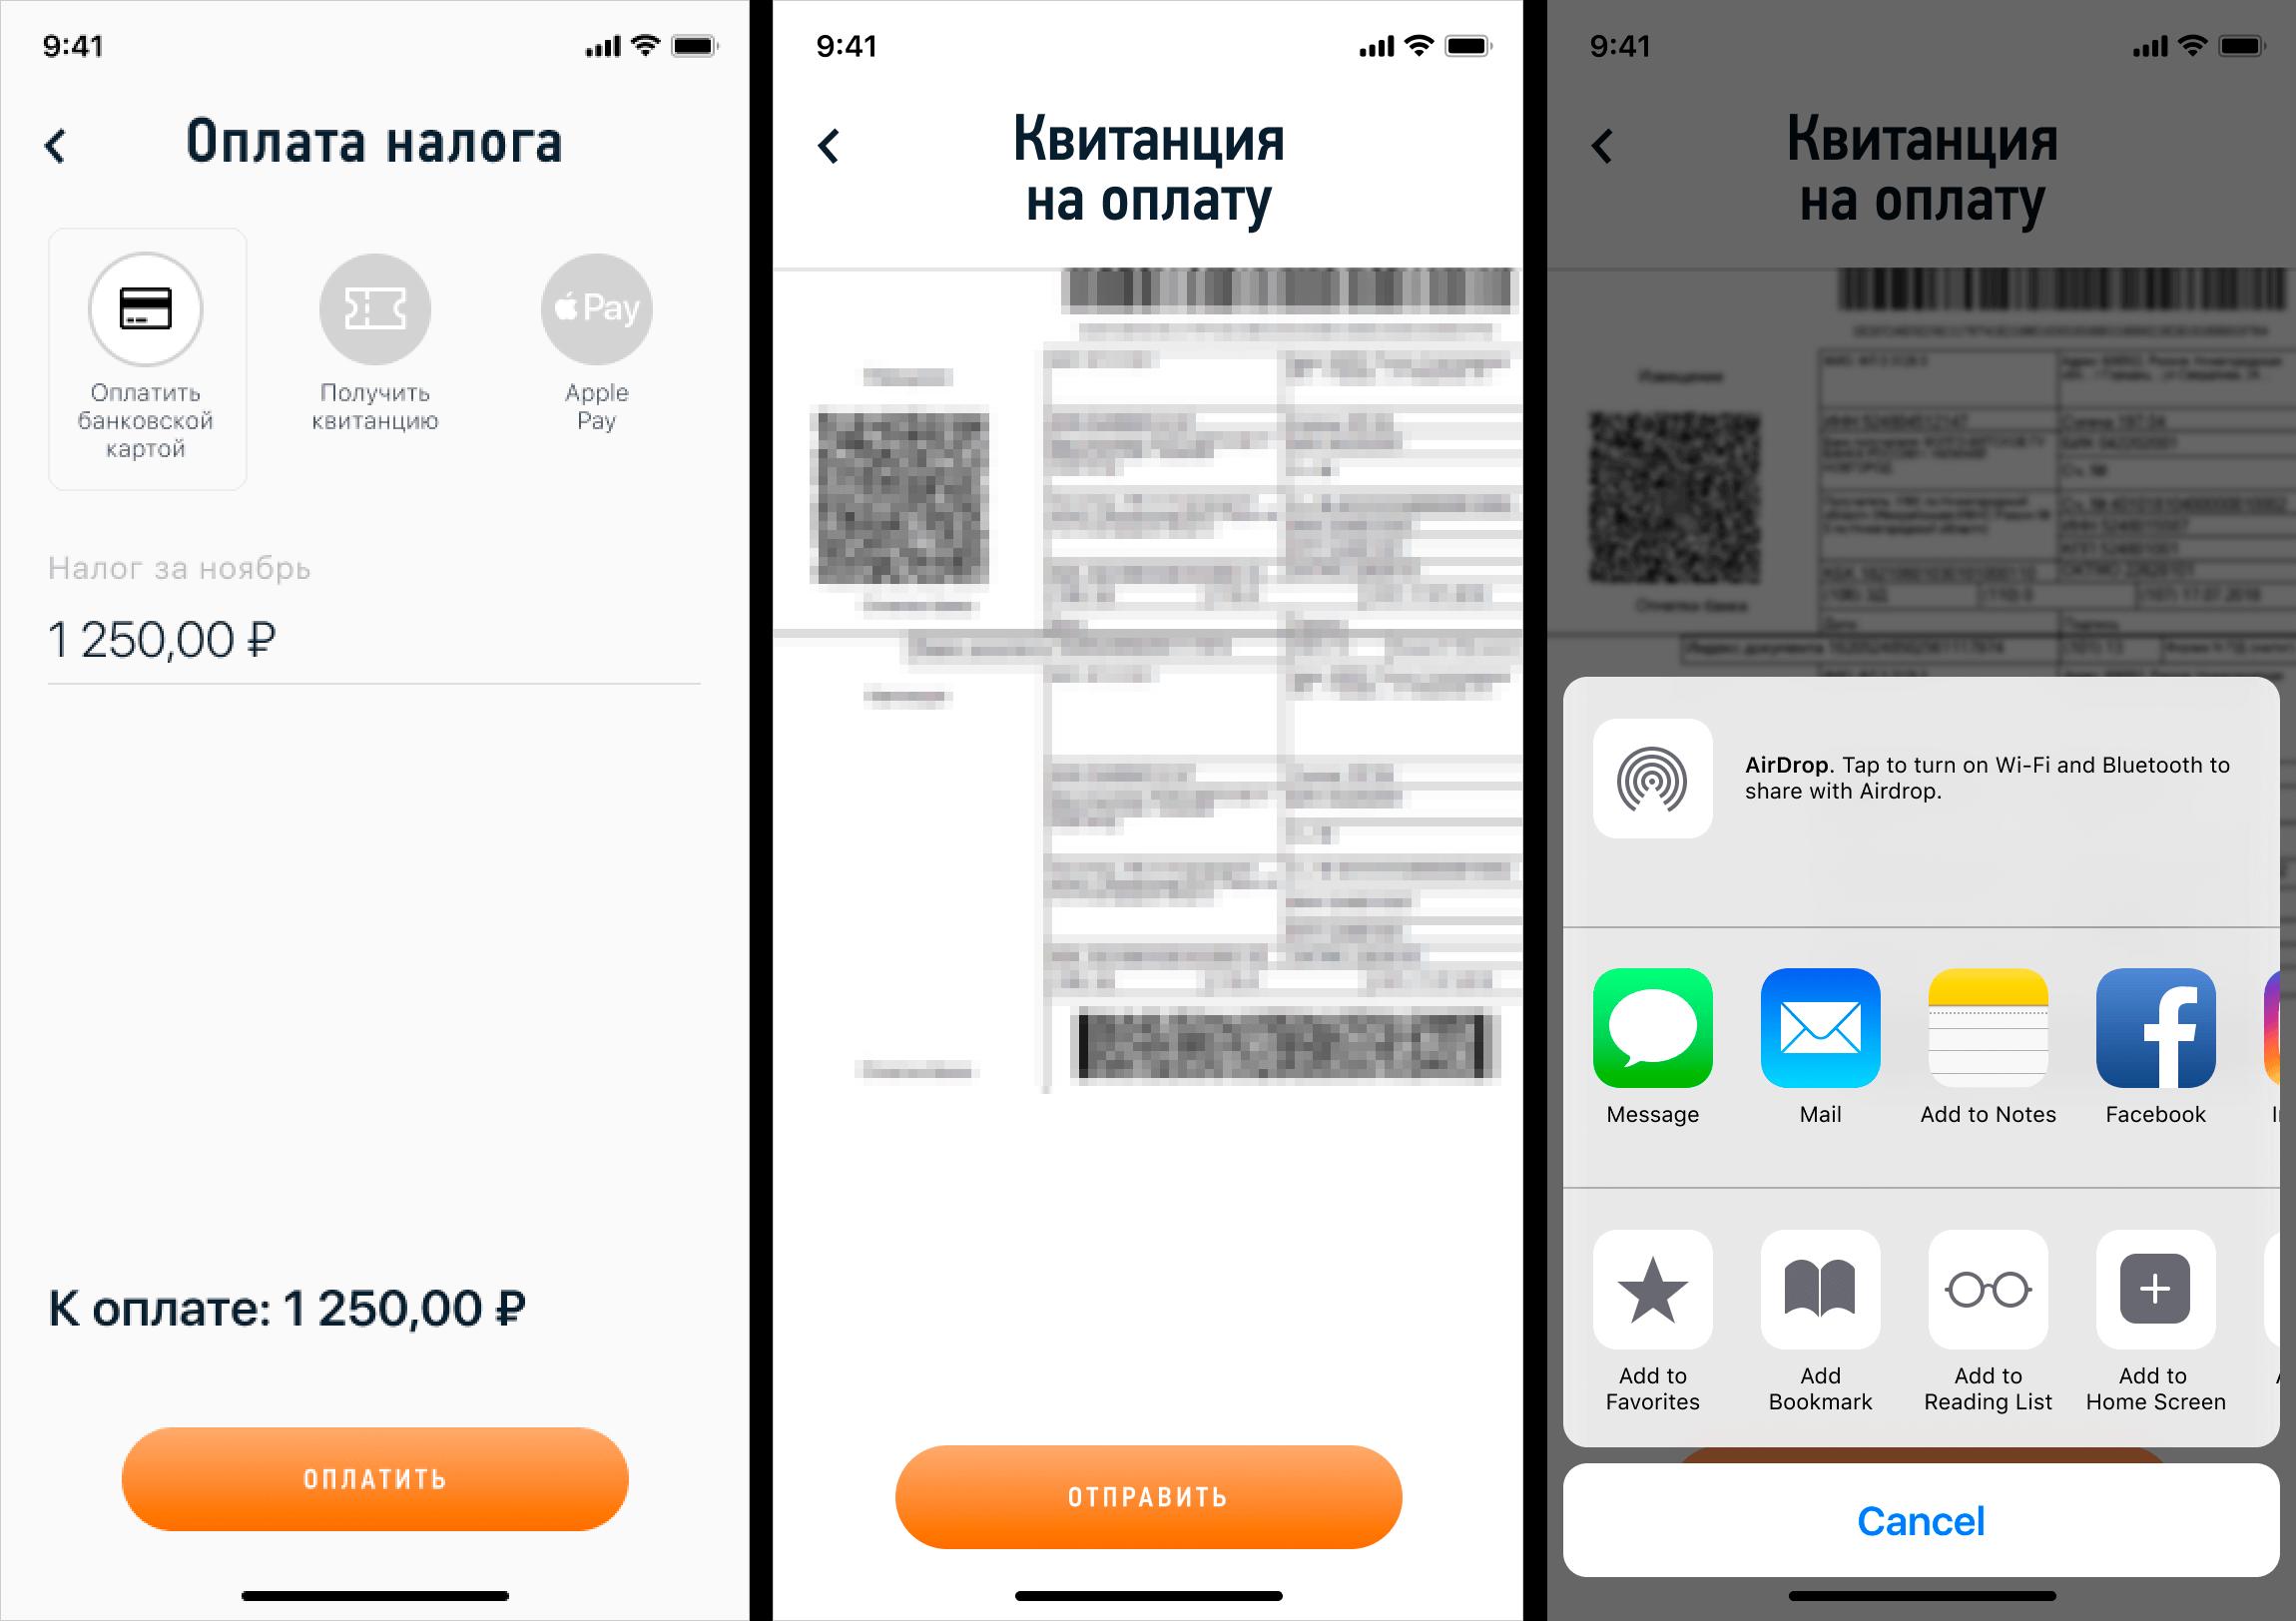 В приложении «Мой налог» можно моментально оплатить налог банковской картой иличерез Apple Pay и Google Pay. Илискачать квитанцию, чтобы оплатить другим способом